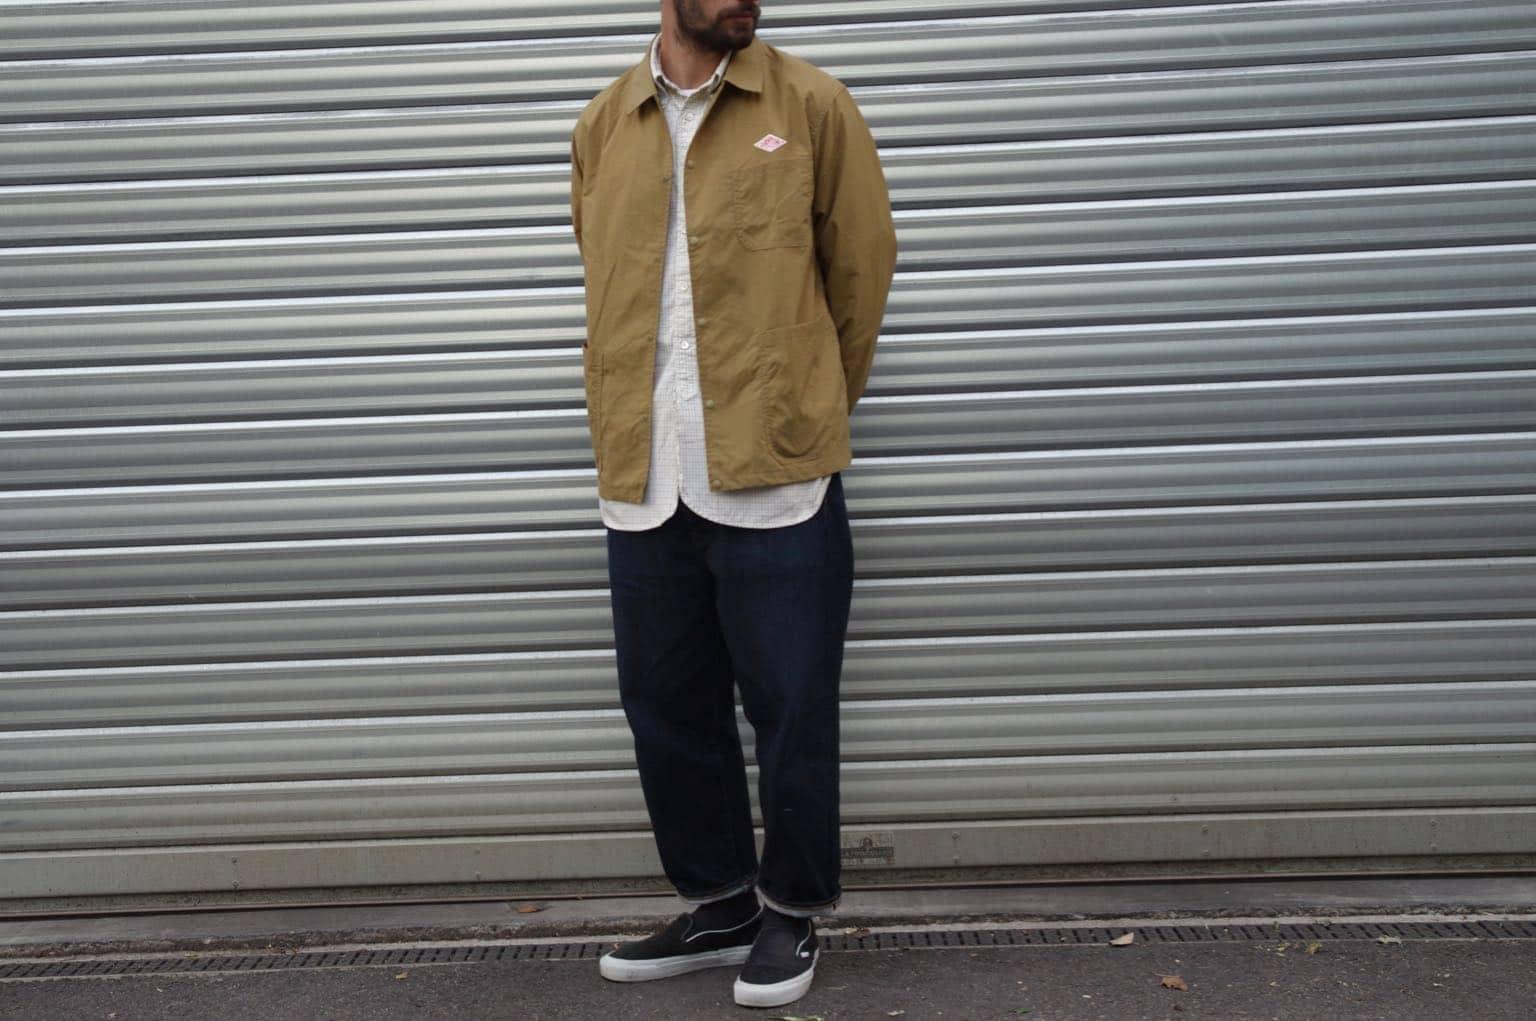 idée de tenue d'été d'inspiration workwear style homme masculin